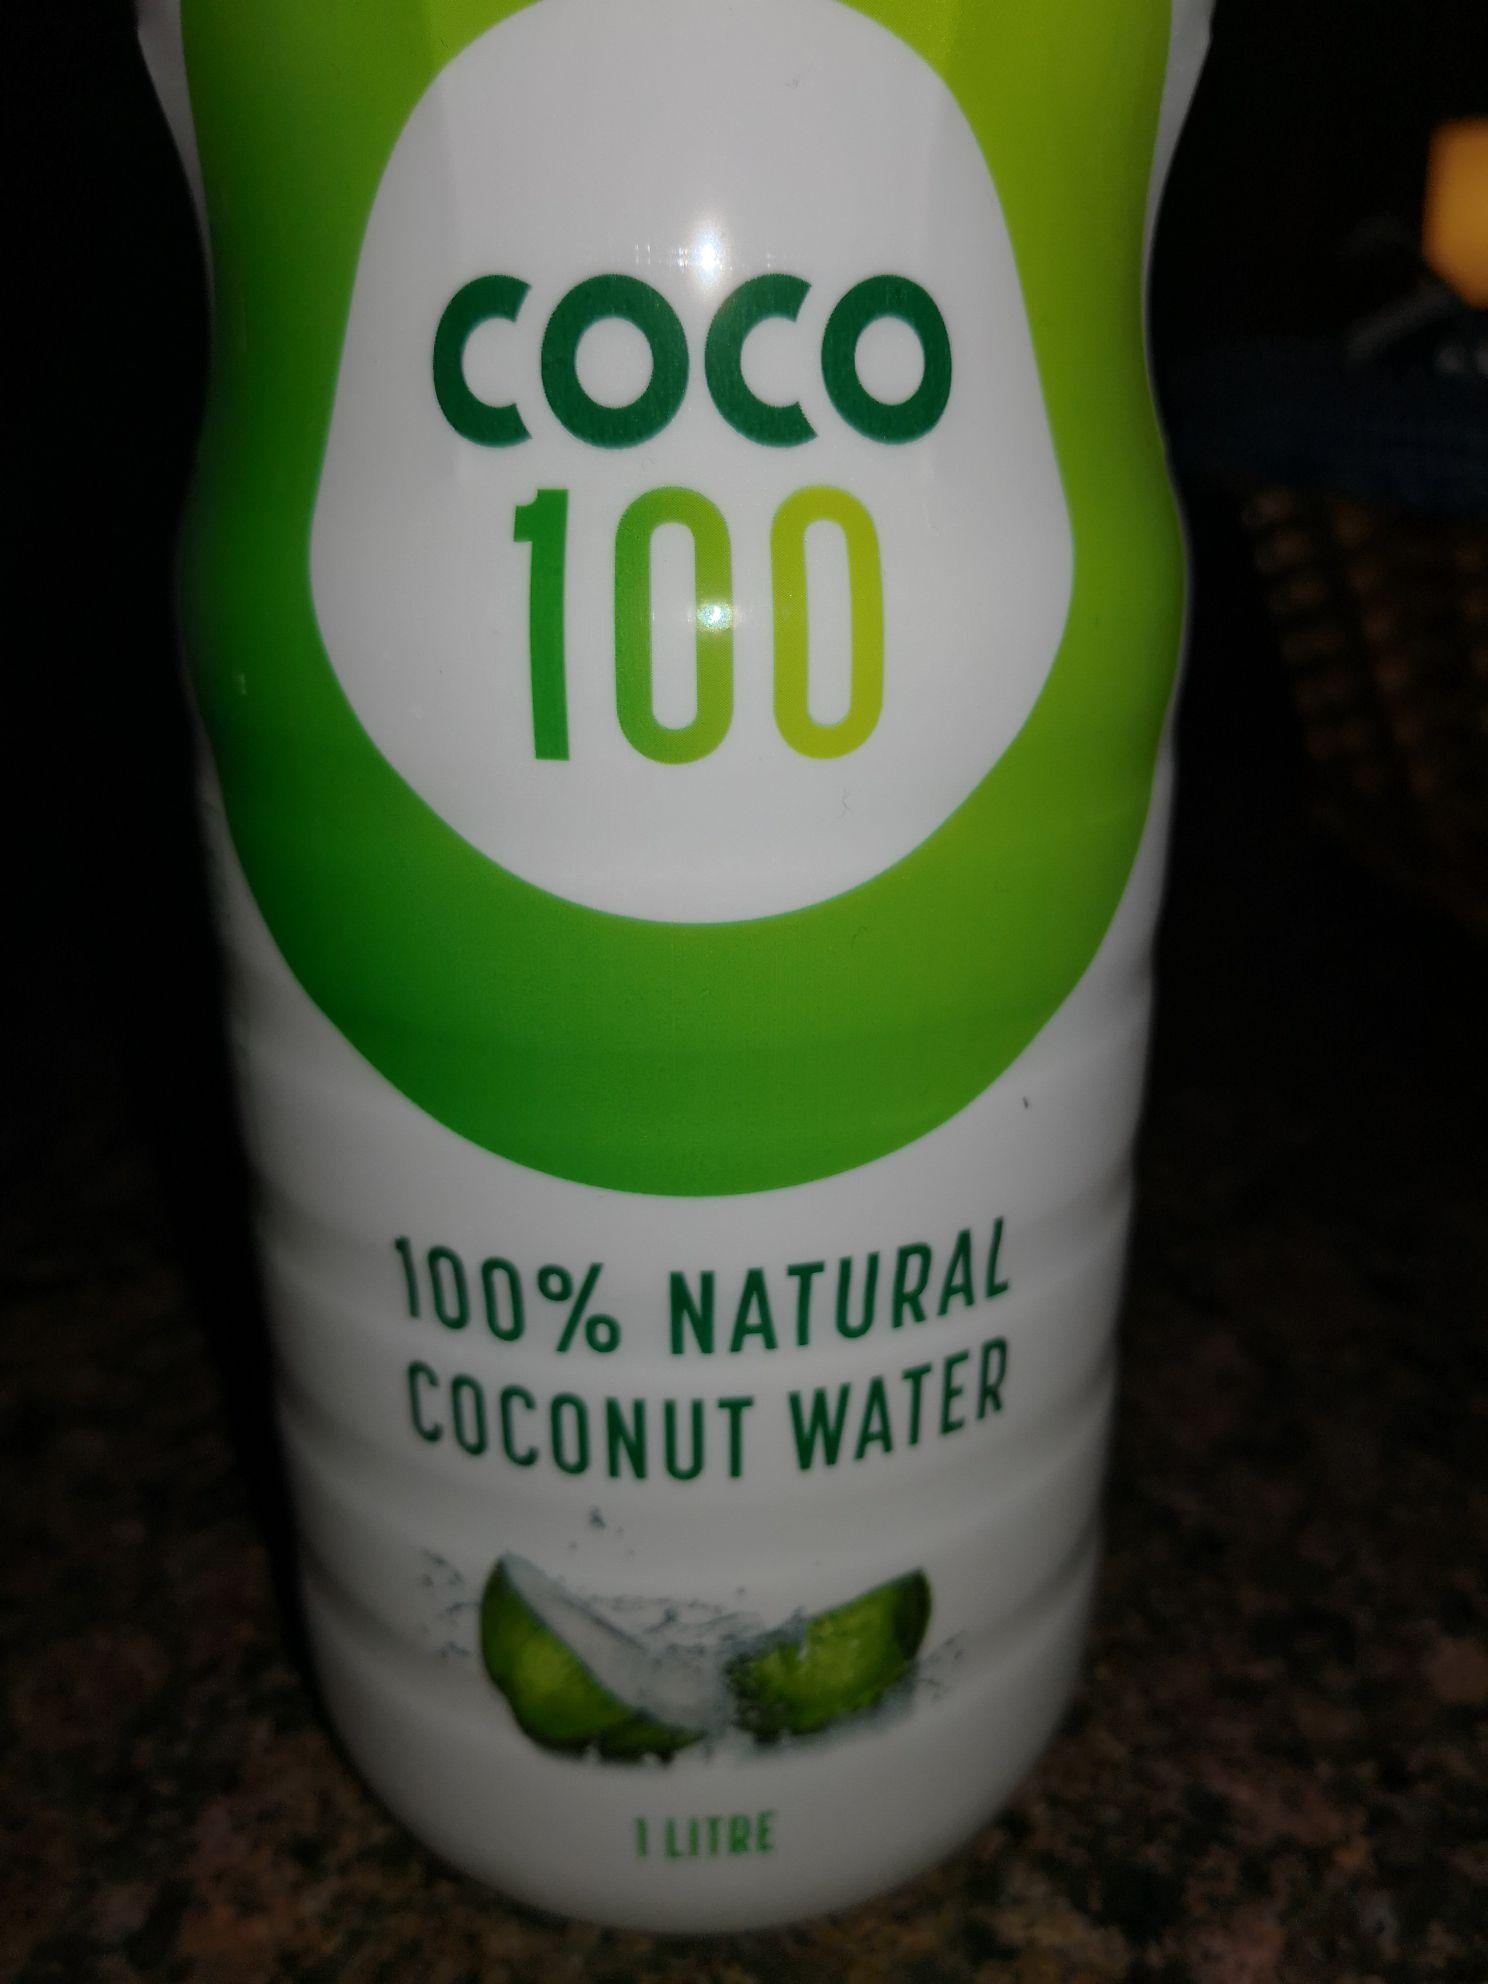 Coco 100 pure coconut juice 1ltr £1 B&M Bargains